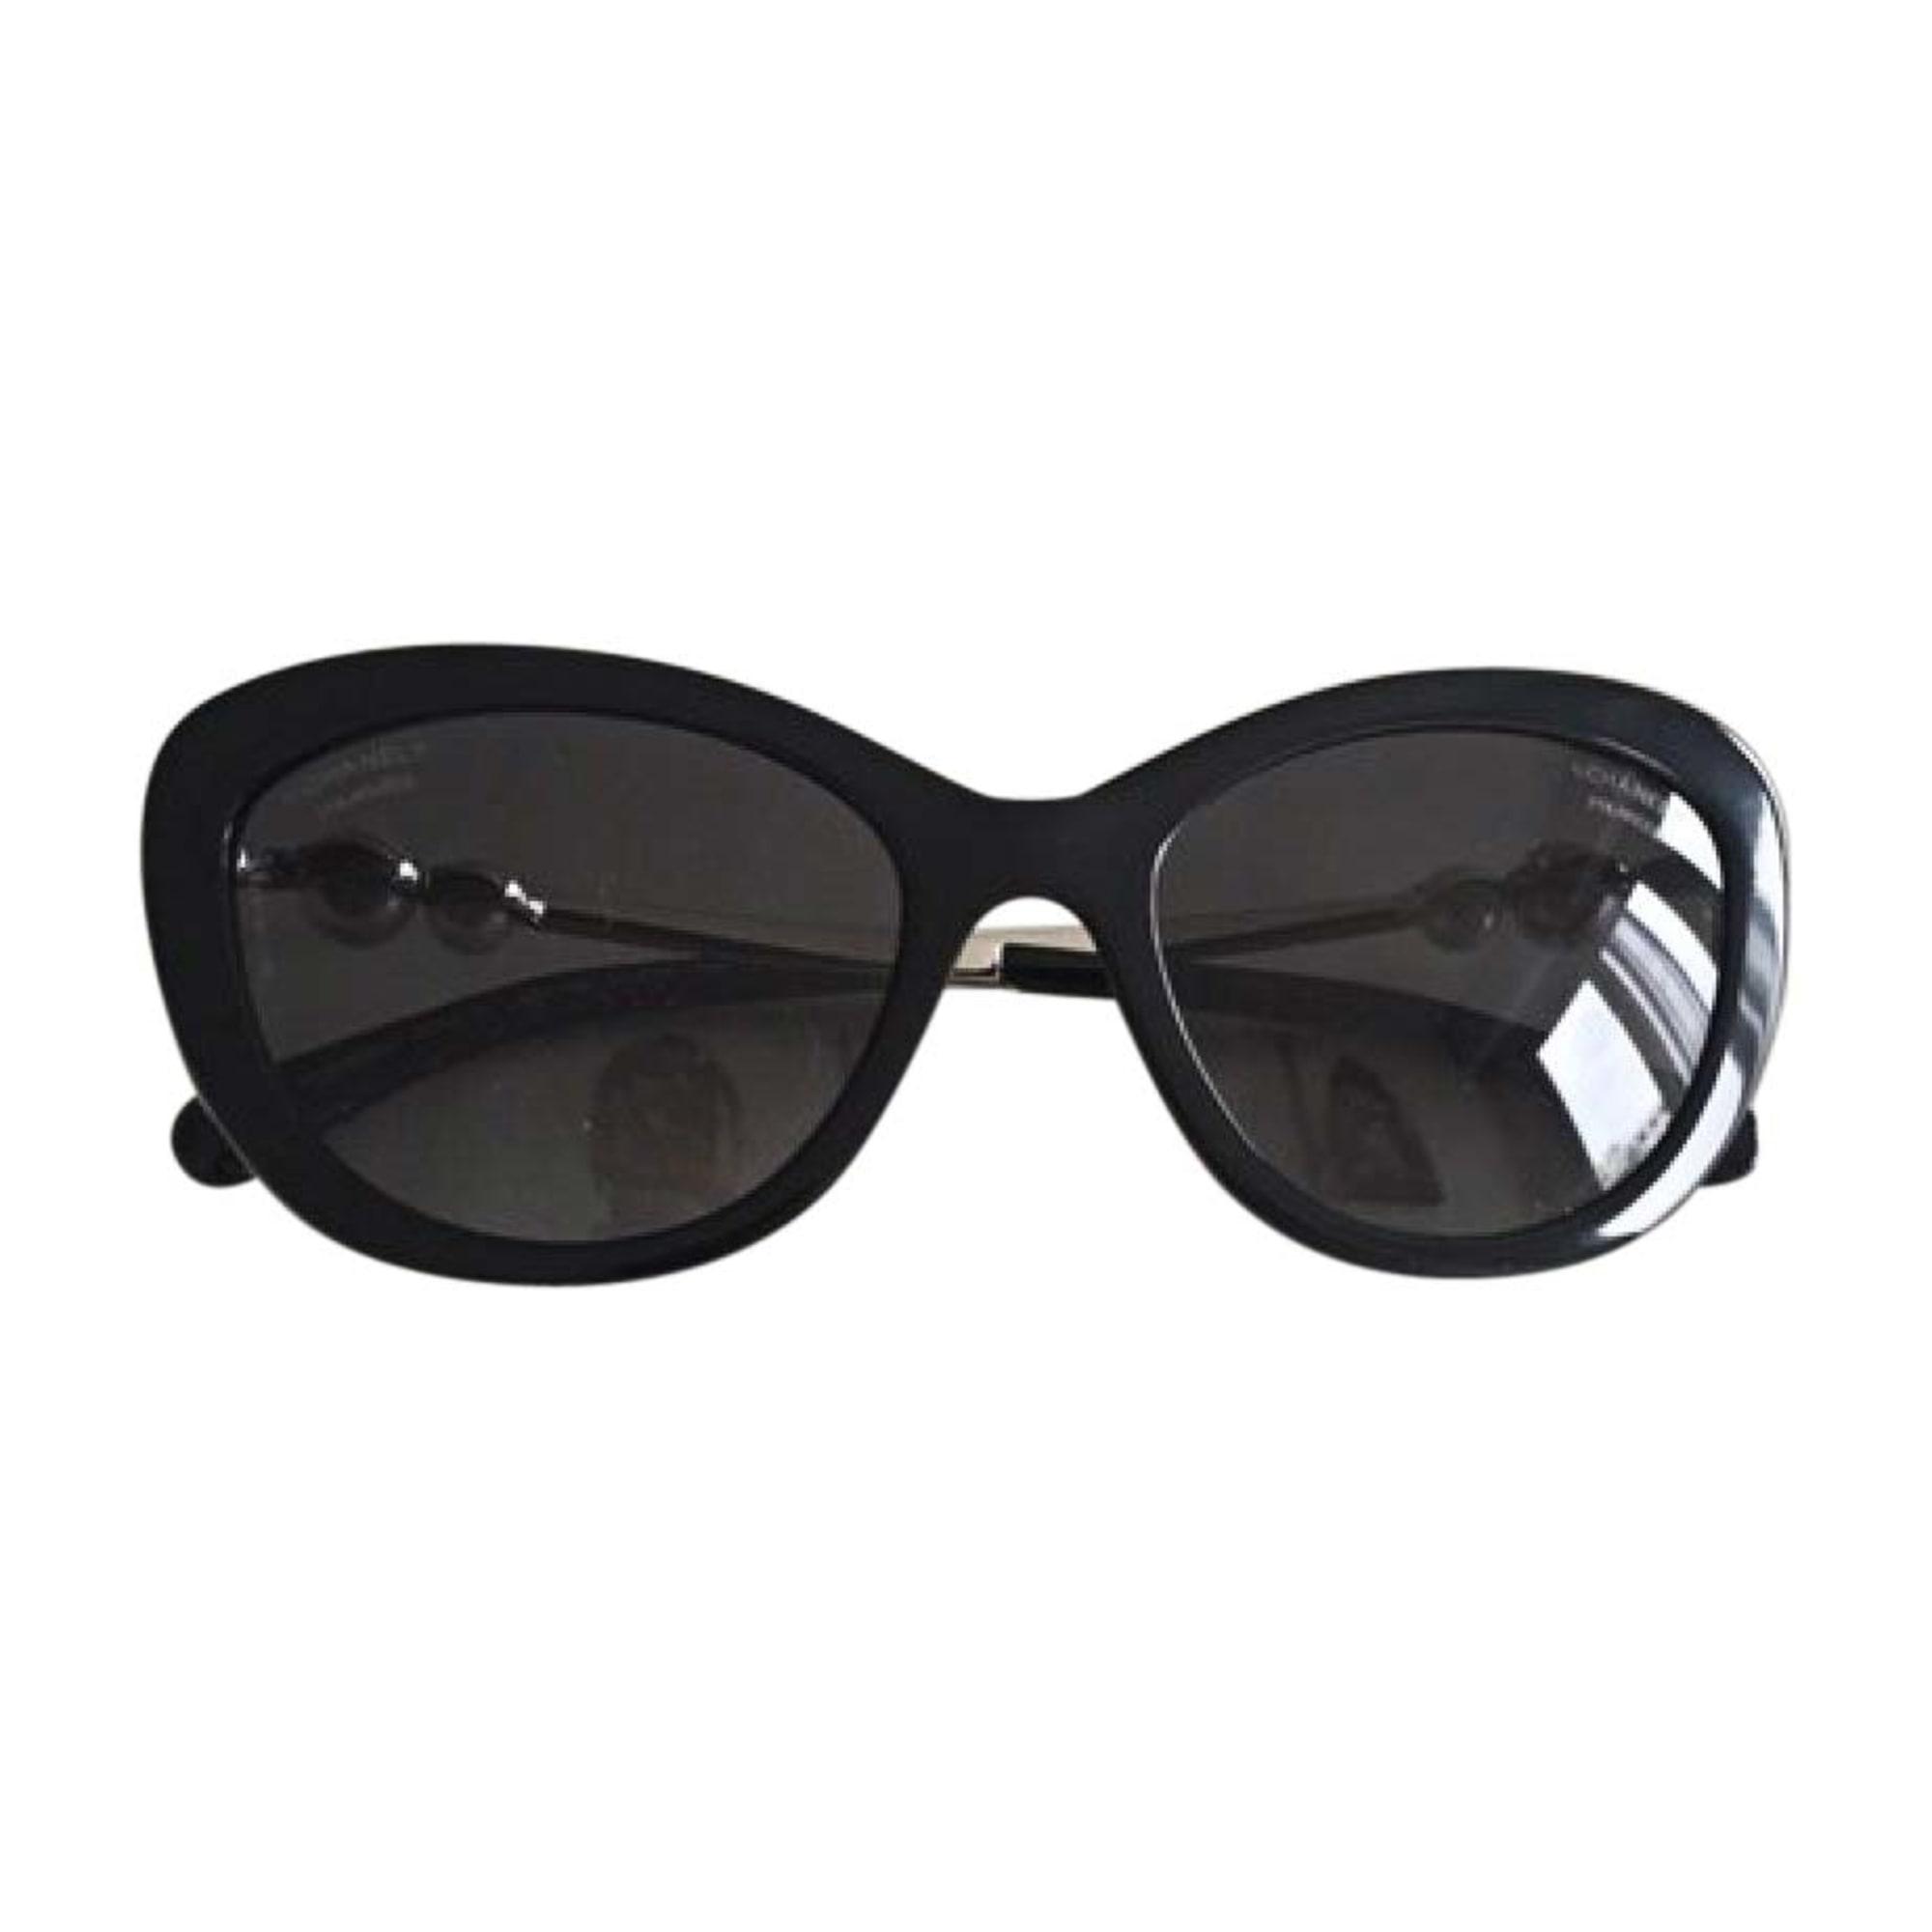 a6e559feb8 Lunettes de soleil CHANEL noir vendu par La boutique de chris - 7568436